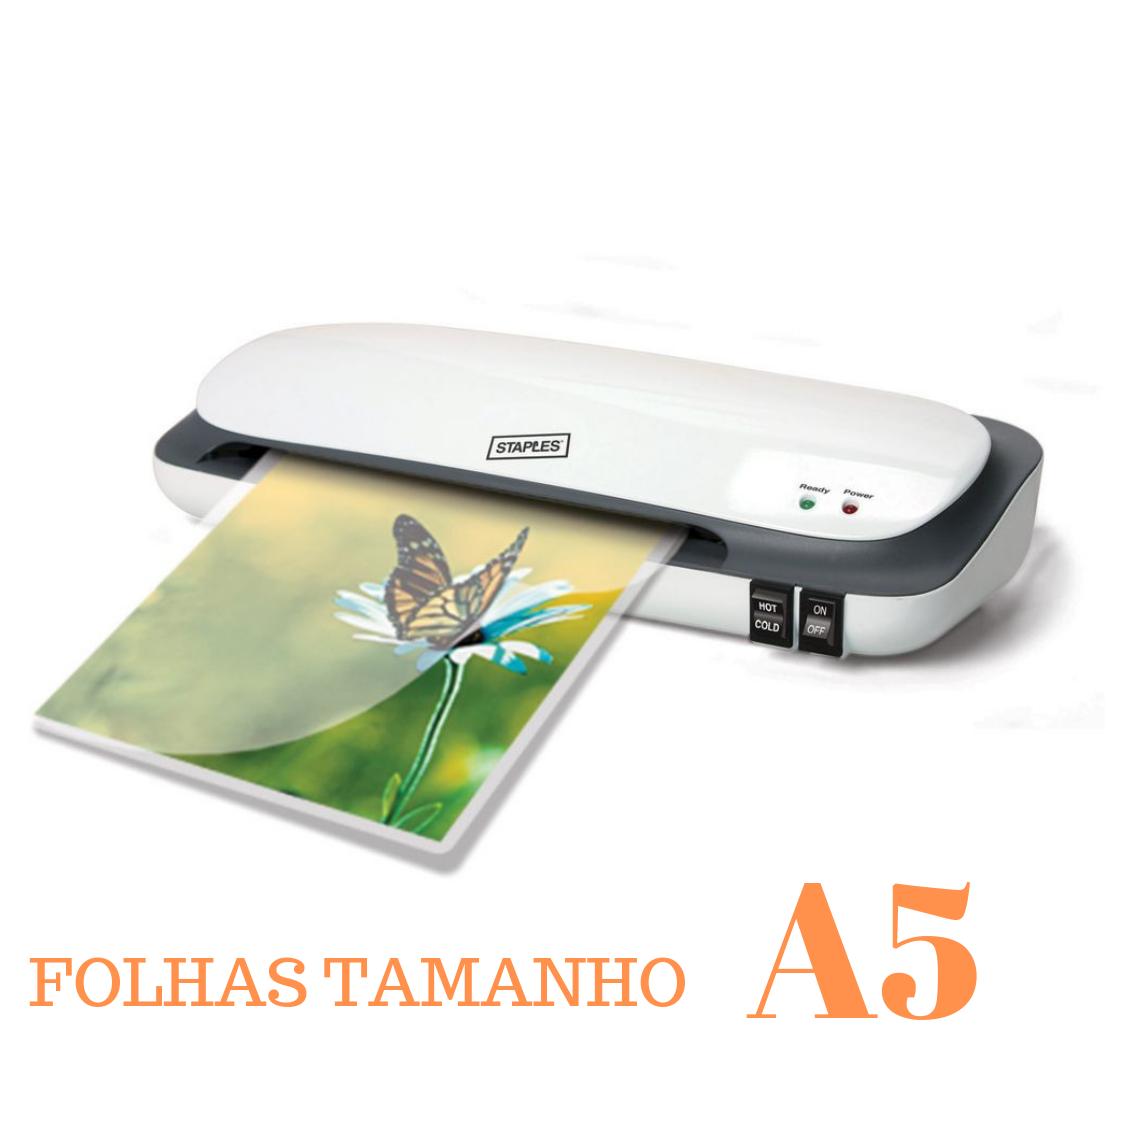 PLASTIFICAÇAO TÉRMICA folhetos informativos (A5)